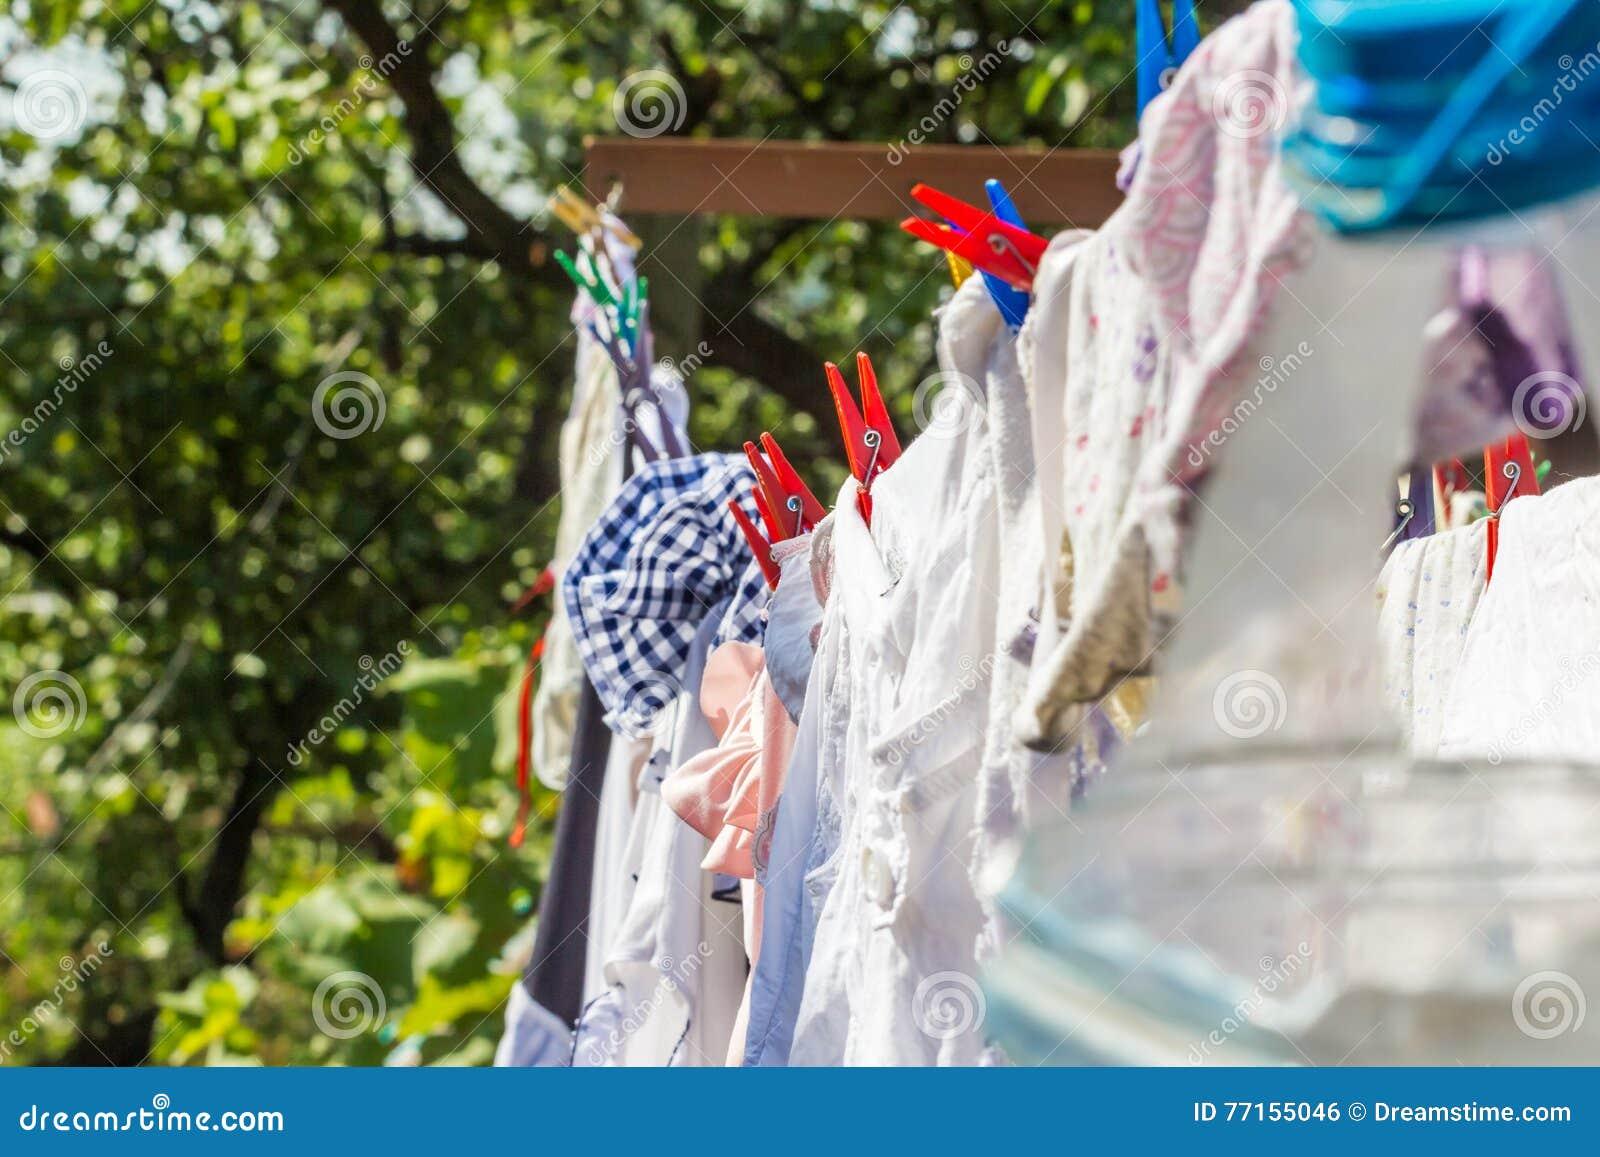 Vêtements humides avec des pinces à linge sur la corde